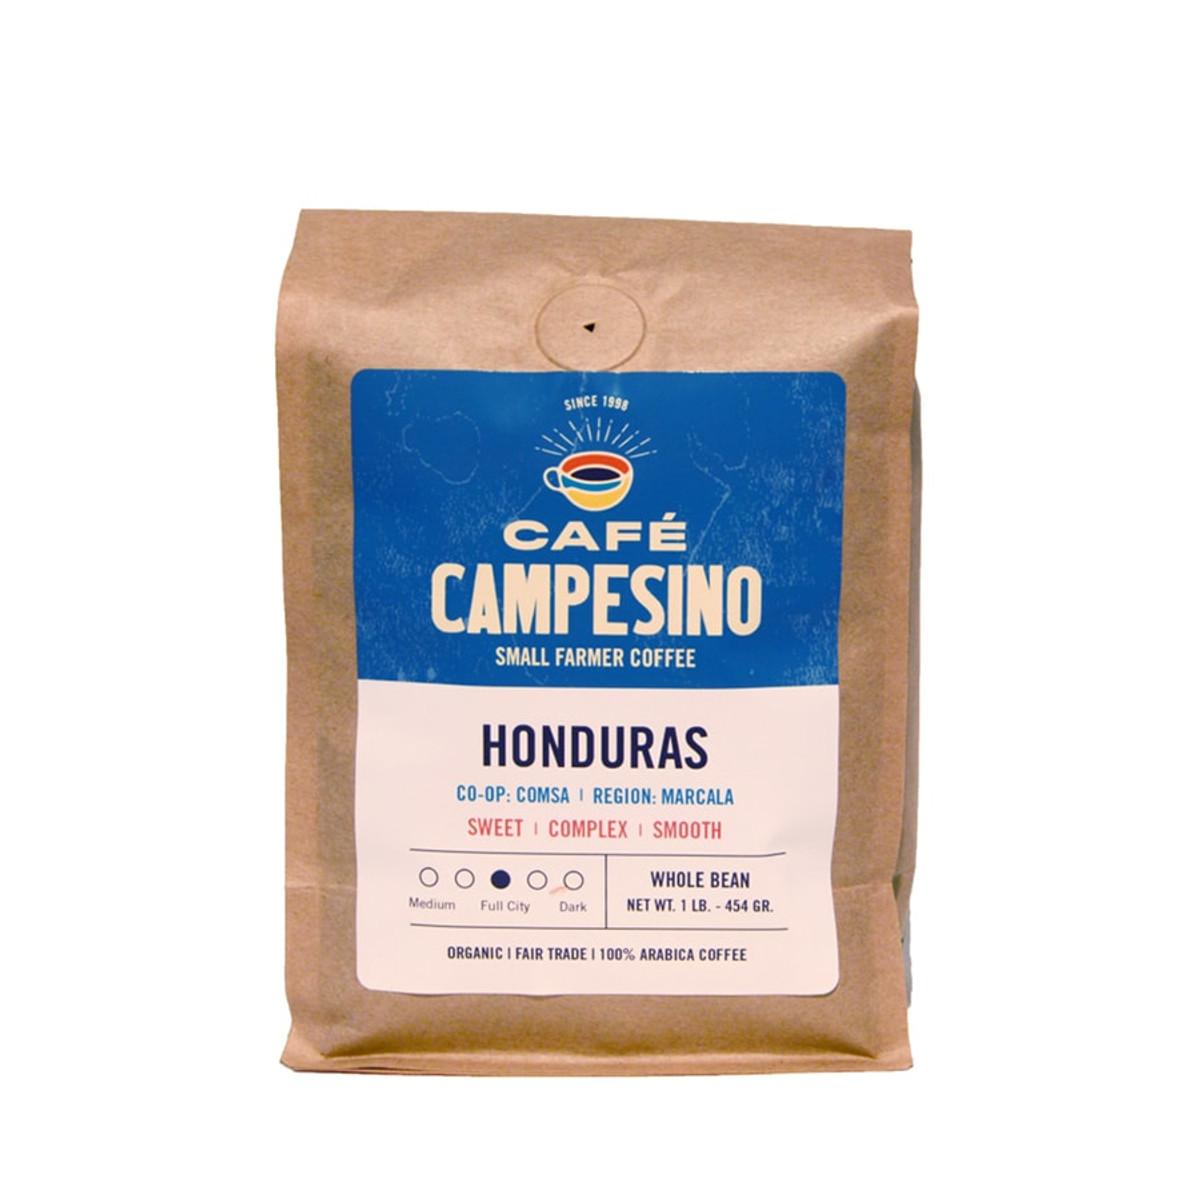 Fair trade, organic, shade-grown, arabica coffee grown by  COMSA in Marcala, Honduras